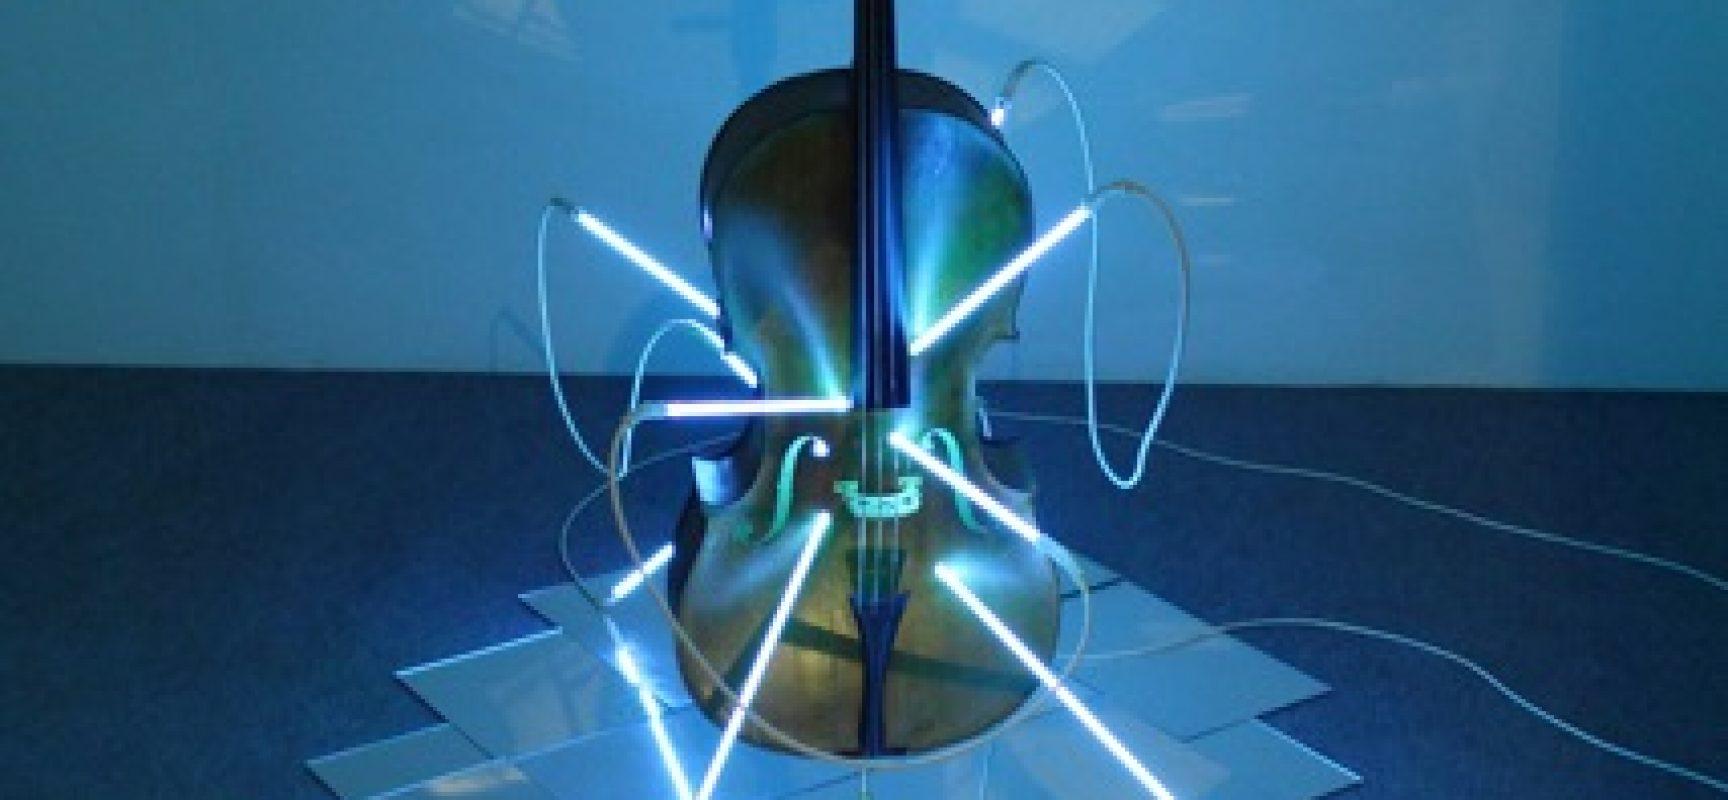 Filippo Centenari, San Sebastiano 2008_Cello, neon, mirrors, transformer, variable dimensions_Courtesy of the artist